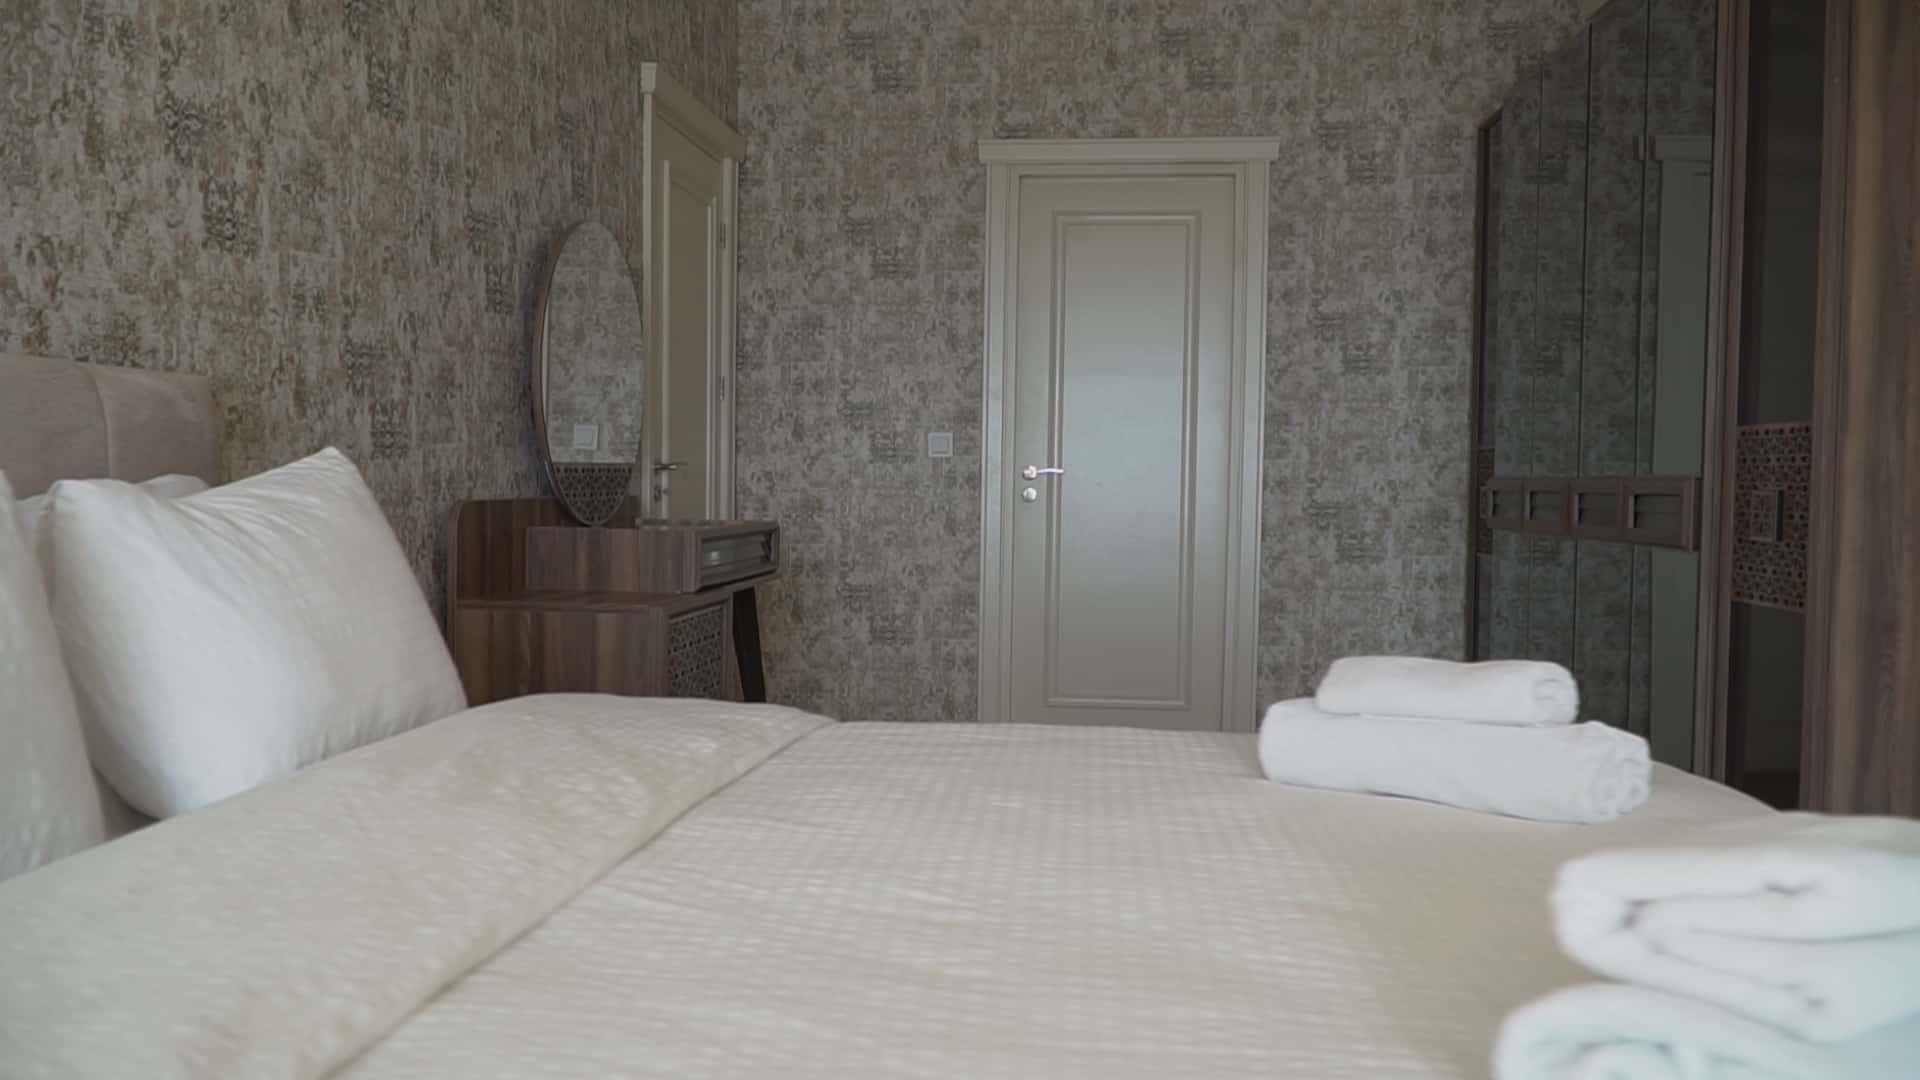 غرفة نوم شقة 3 غرف وصالون للايجار في مول فينيسيا